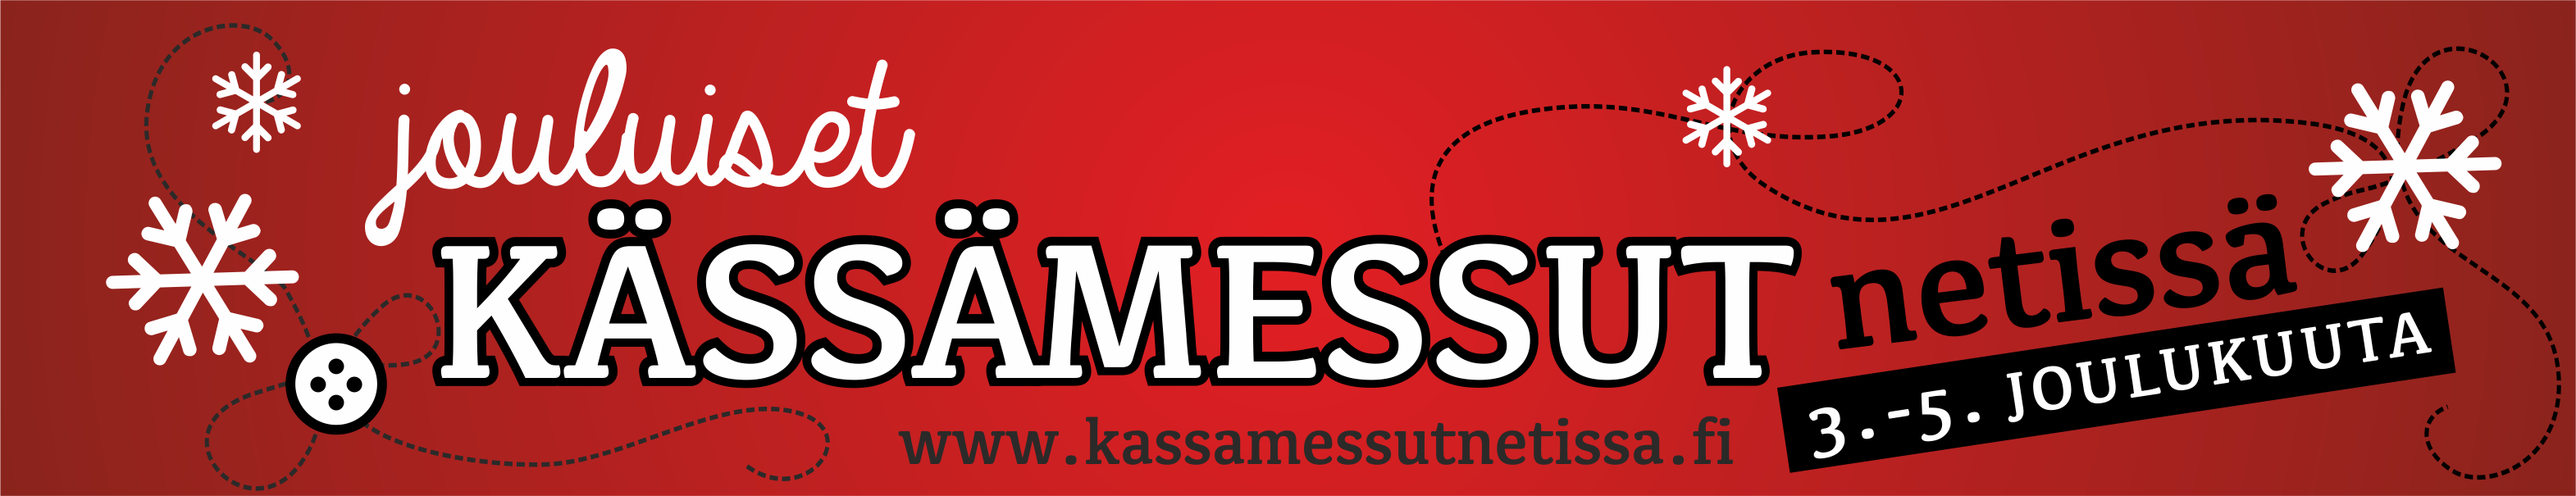 Jouluiset Kässämessut netissä 3.-5.12.2021